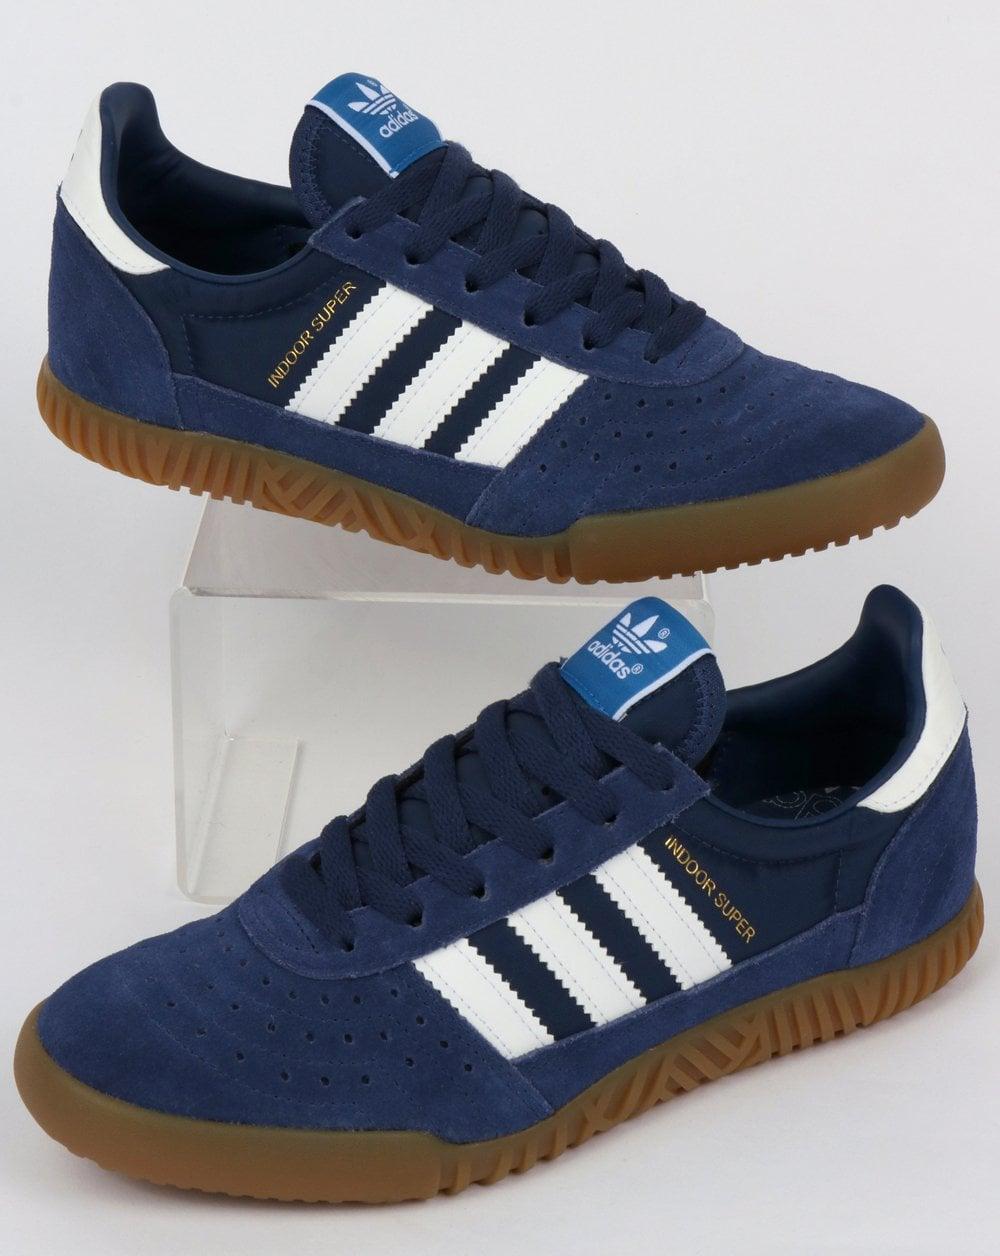 3ad8ccc4ec8 adidas Trainers Adidas Indoor Super Trainers Navy Indigo White